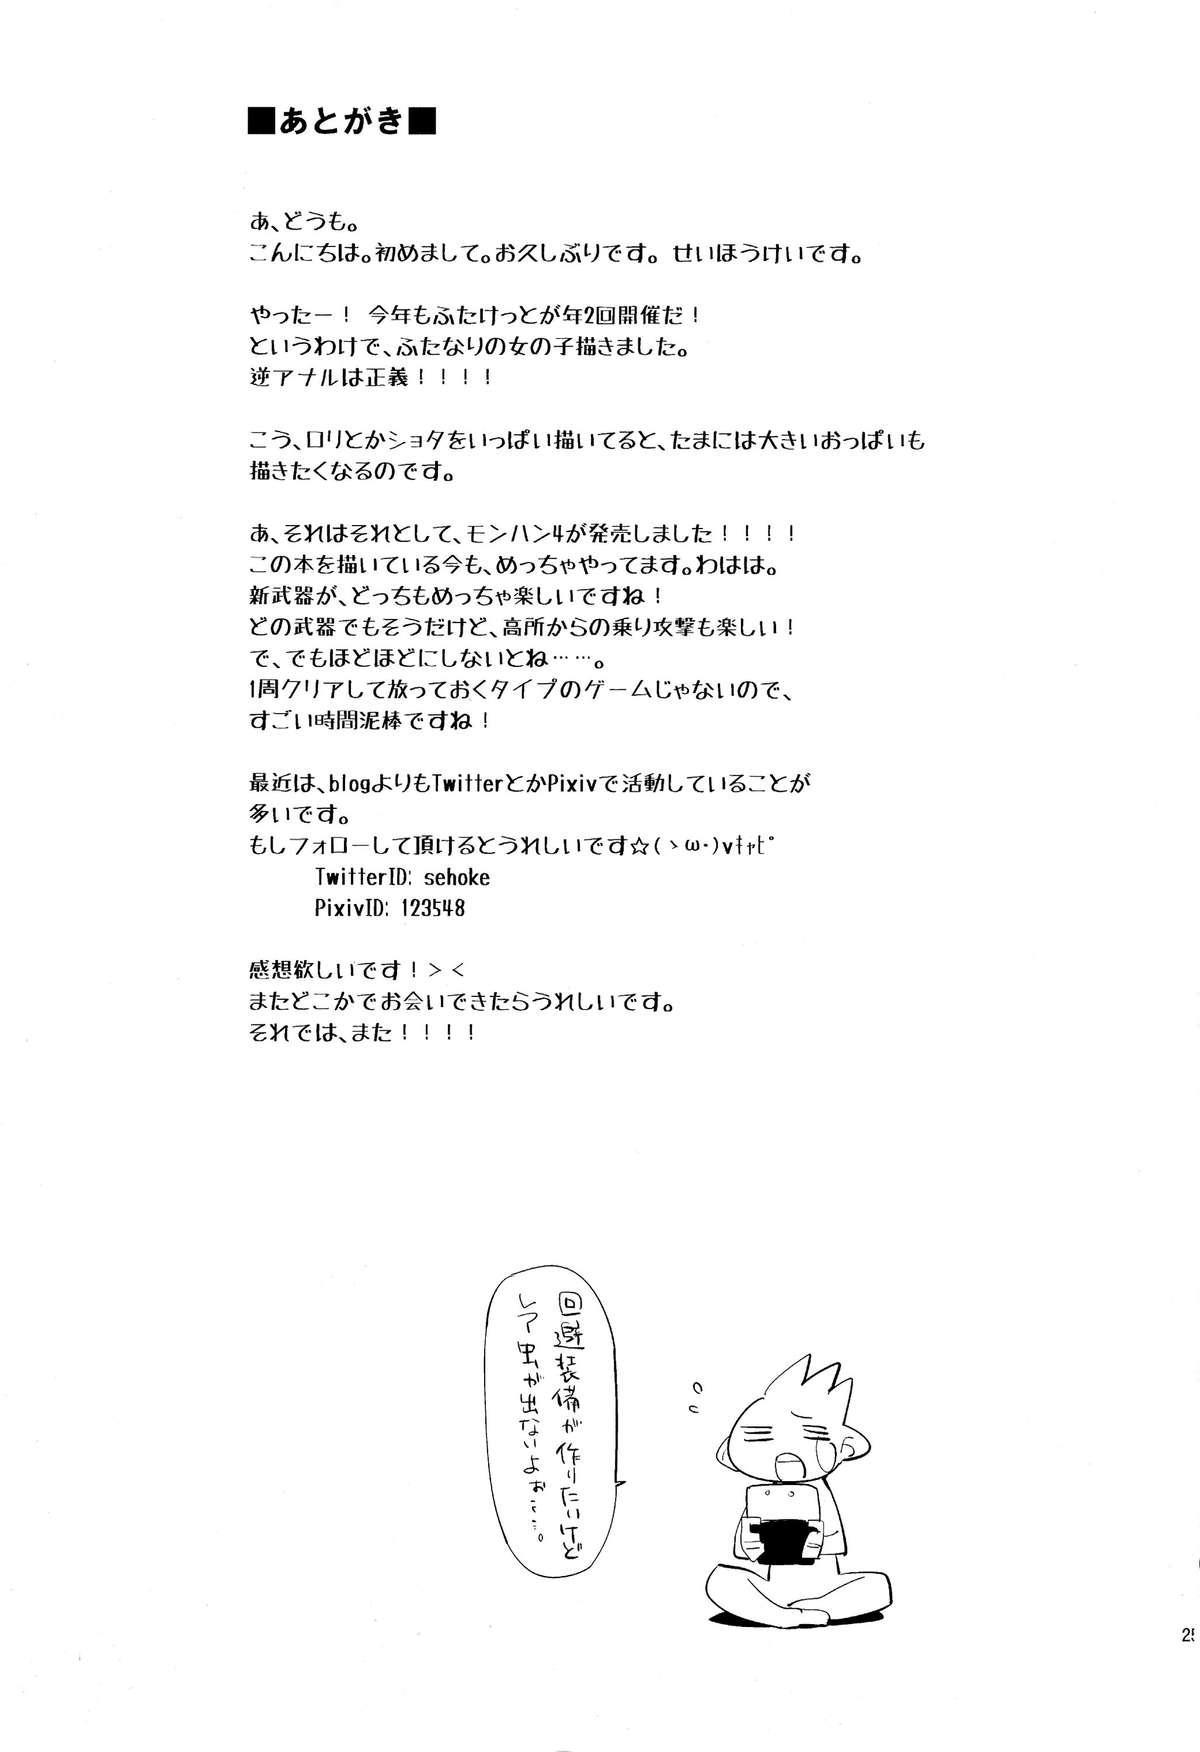 Osananajimi no Wagamama Futanari Ochinchin | My Childhood Friend Has a Selfish Futanari Cock 24